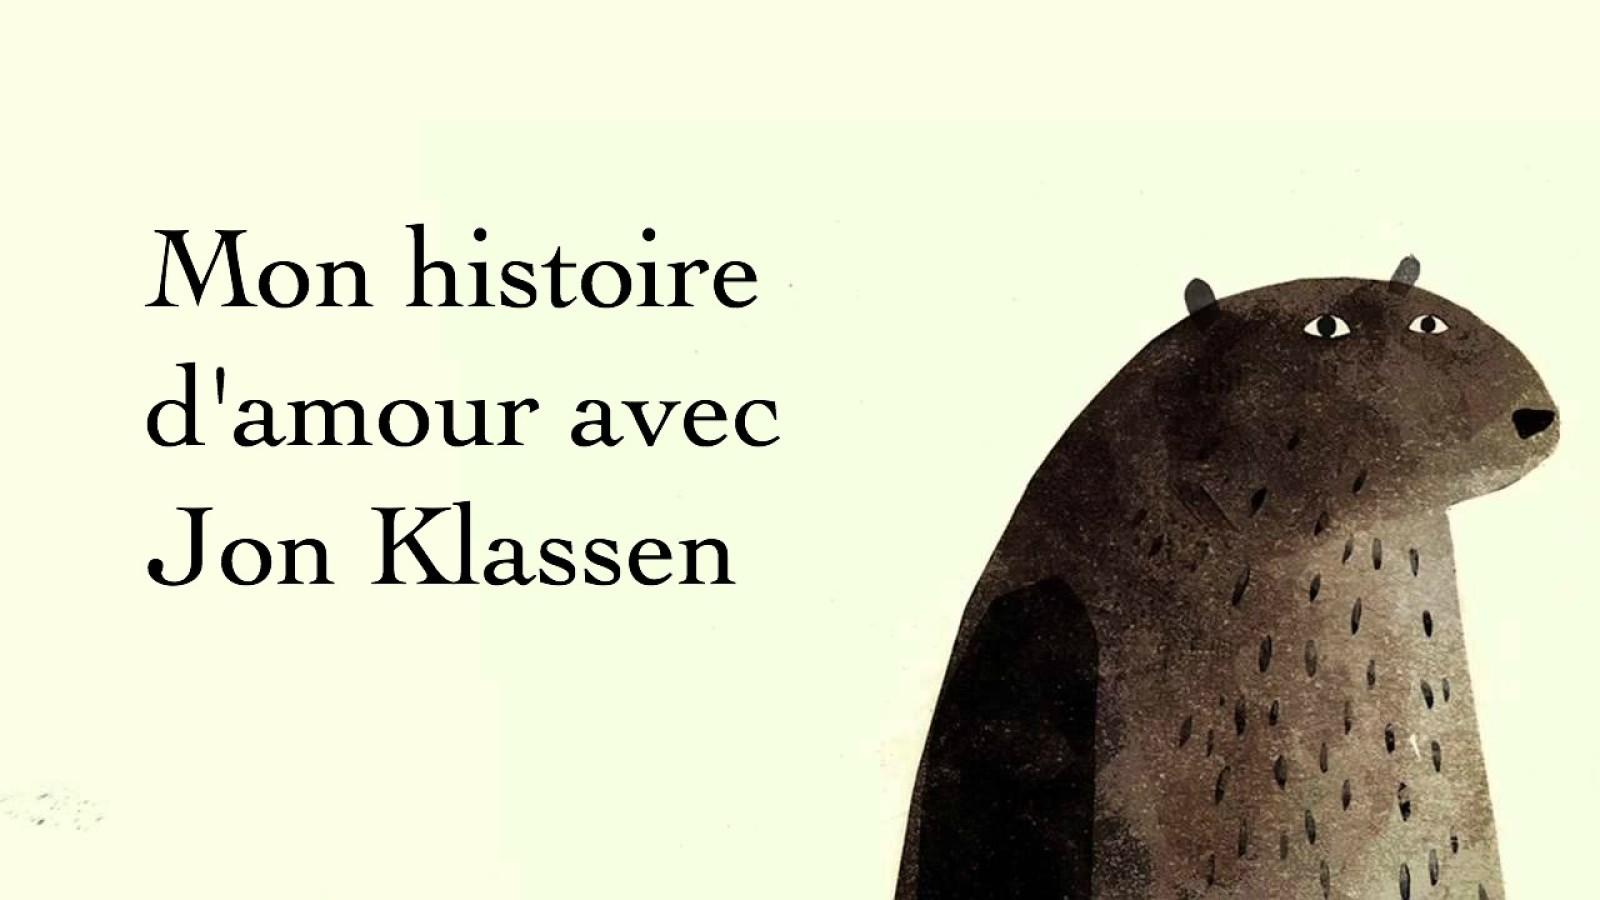 Mon histoire d'amour avec Jon Klassen